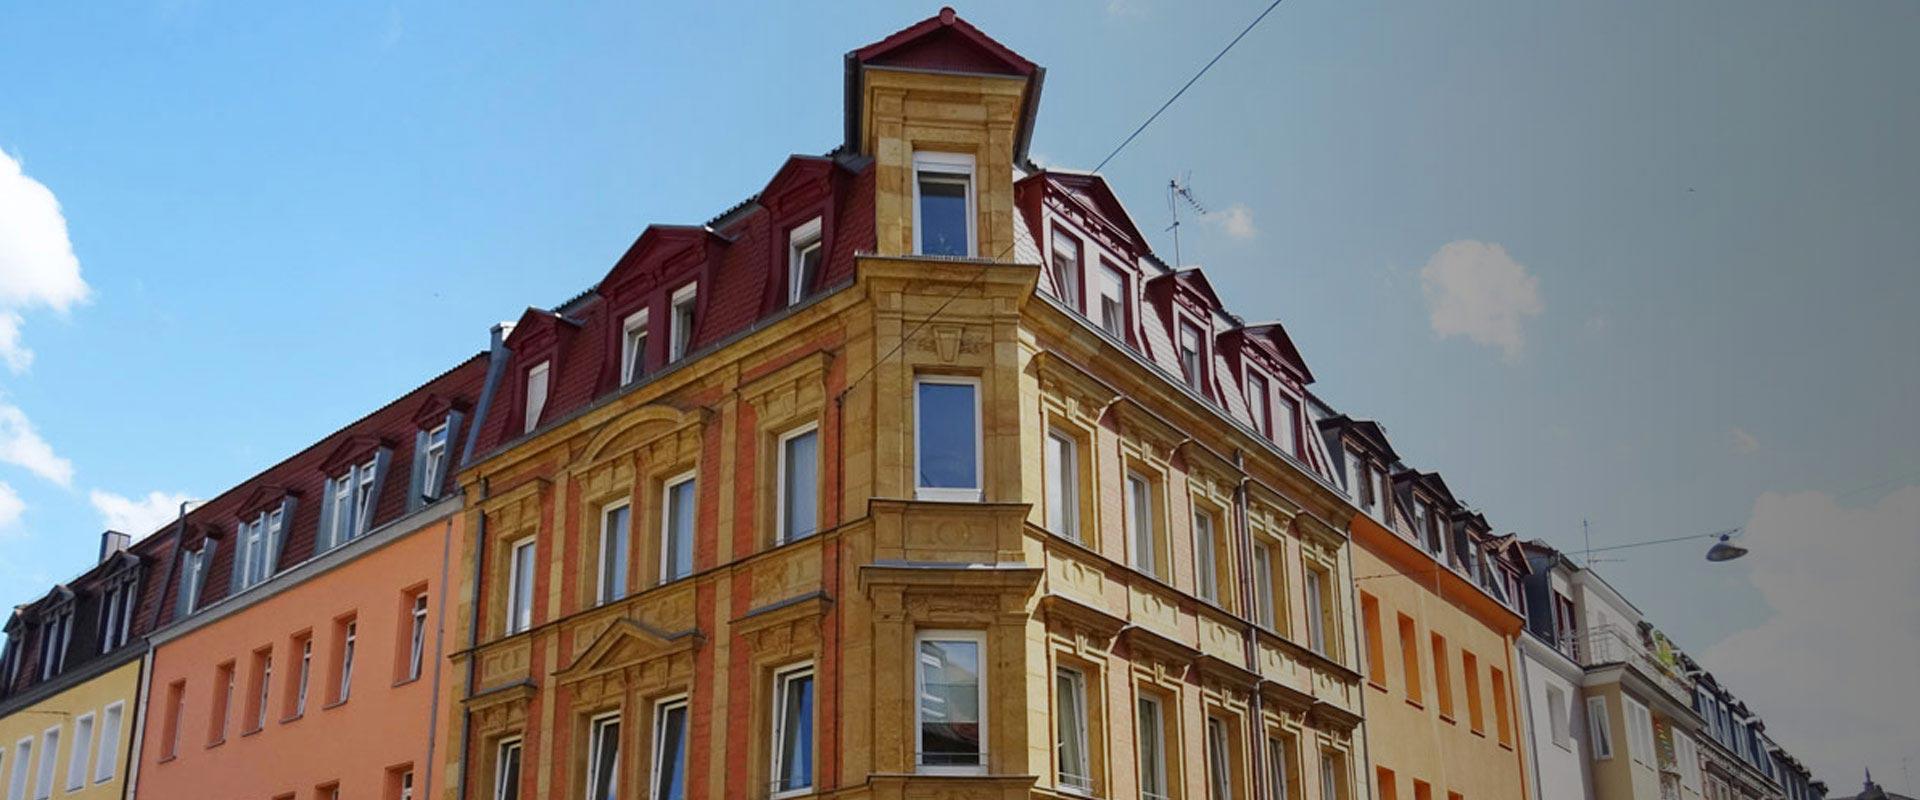 APS Immobilienverwaltung in Hettstedt